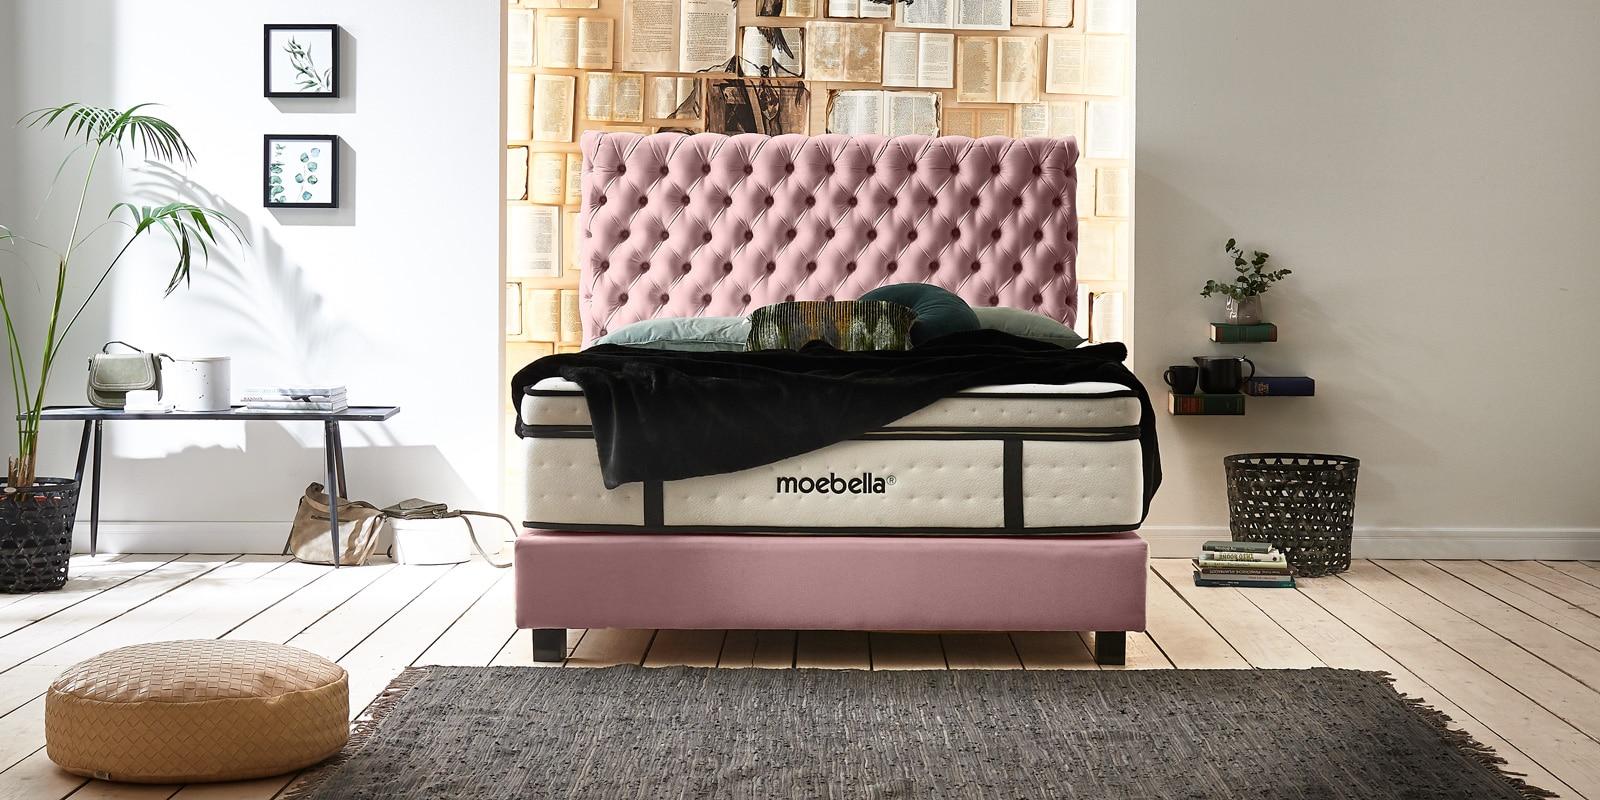 Moebella24 - Boxspringbett Roma - Chesterfield Stil mit Knopfheftung - XXL-Matratze - Velour rose - von vorne